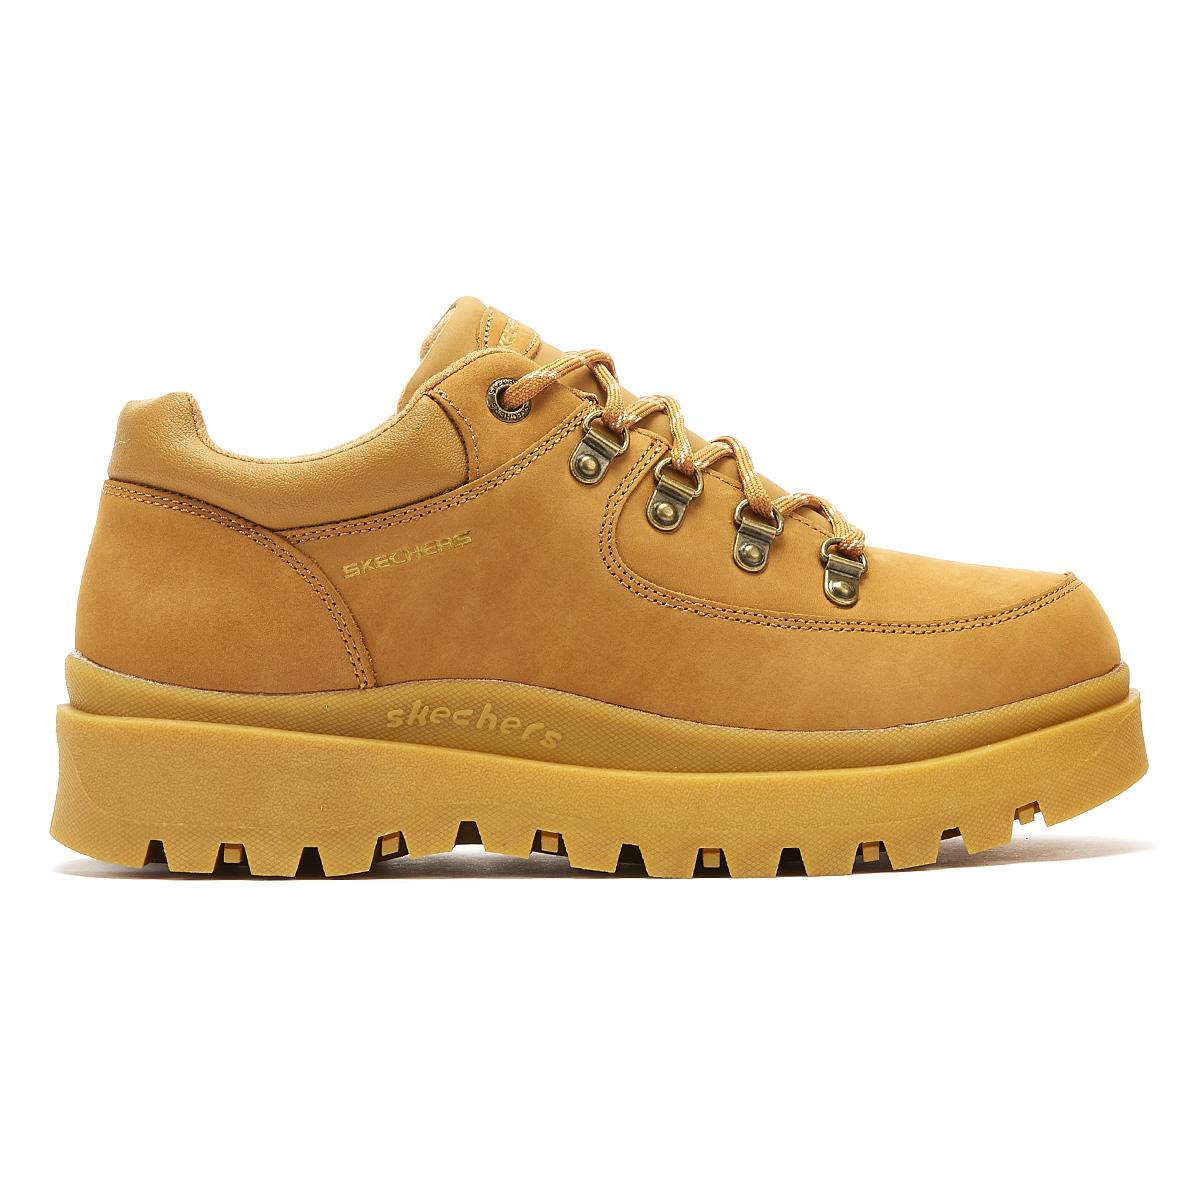 Détails sur Skechers défient Cool Femme Blé Jaune Baskets Femmes Chaussures De Loisirs afficher le titre d'origine